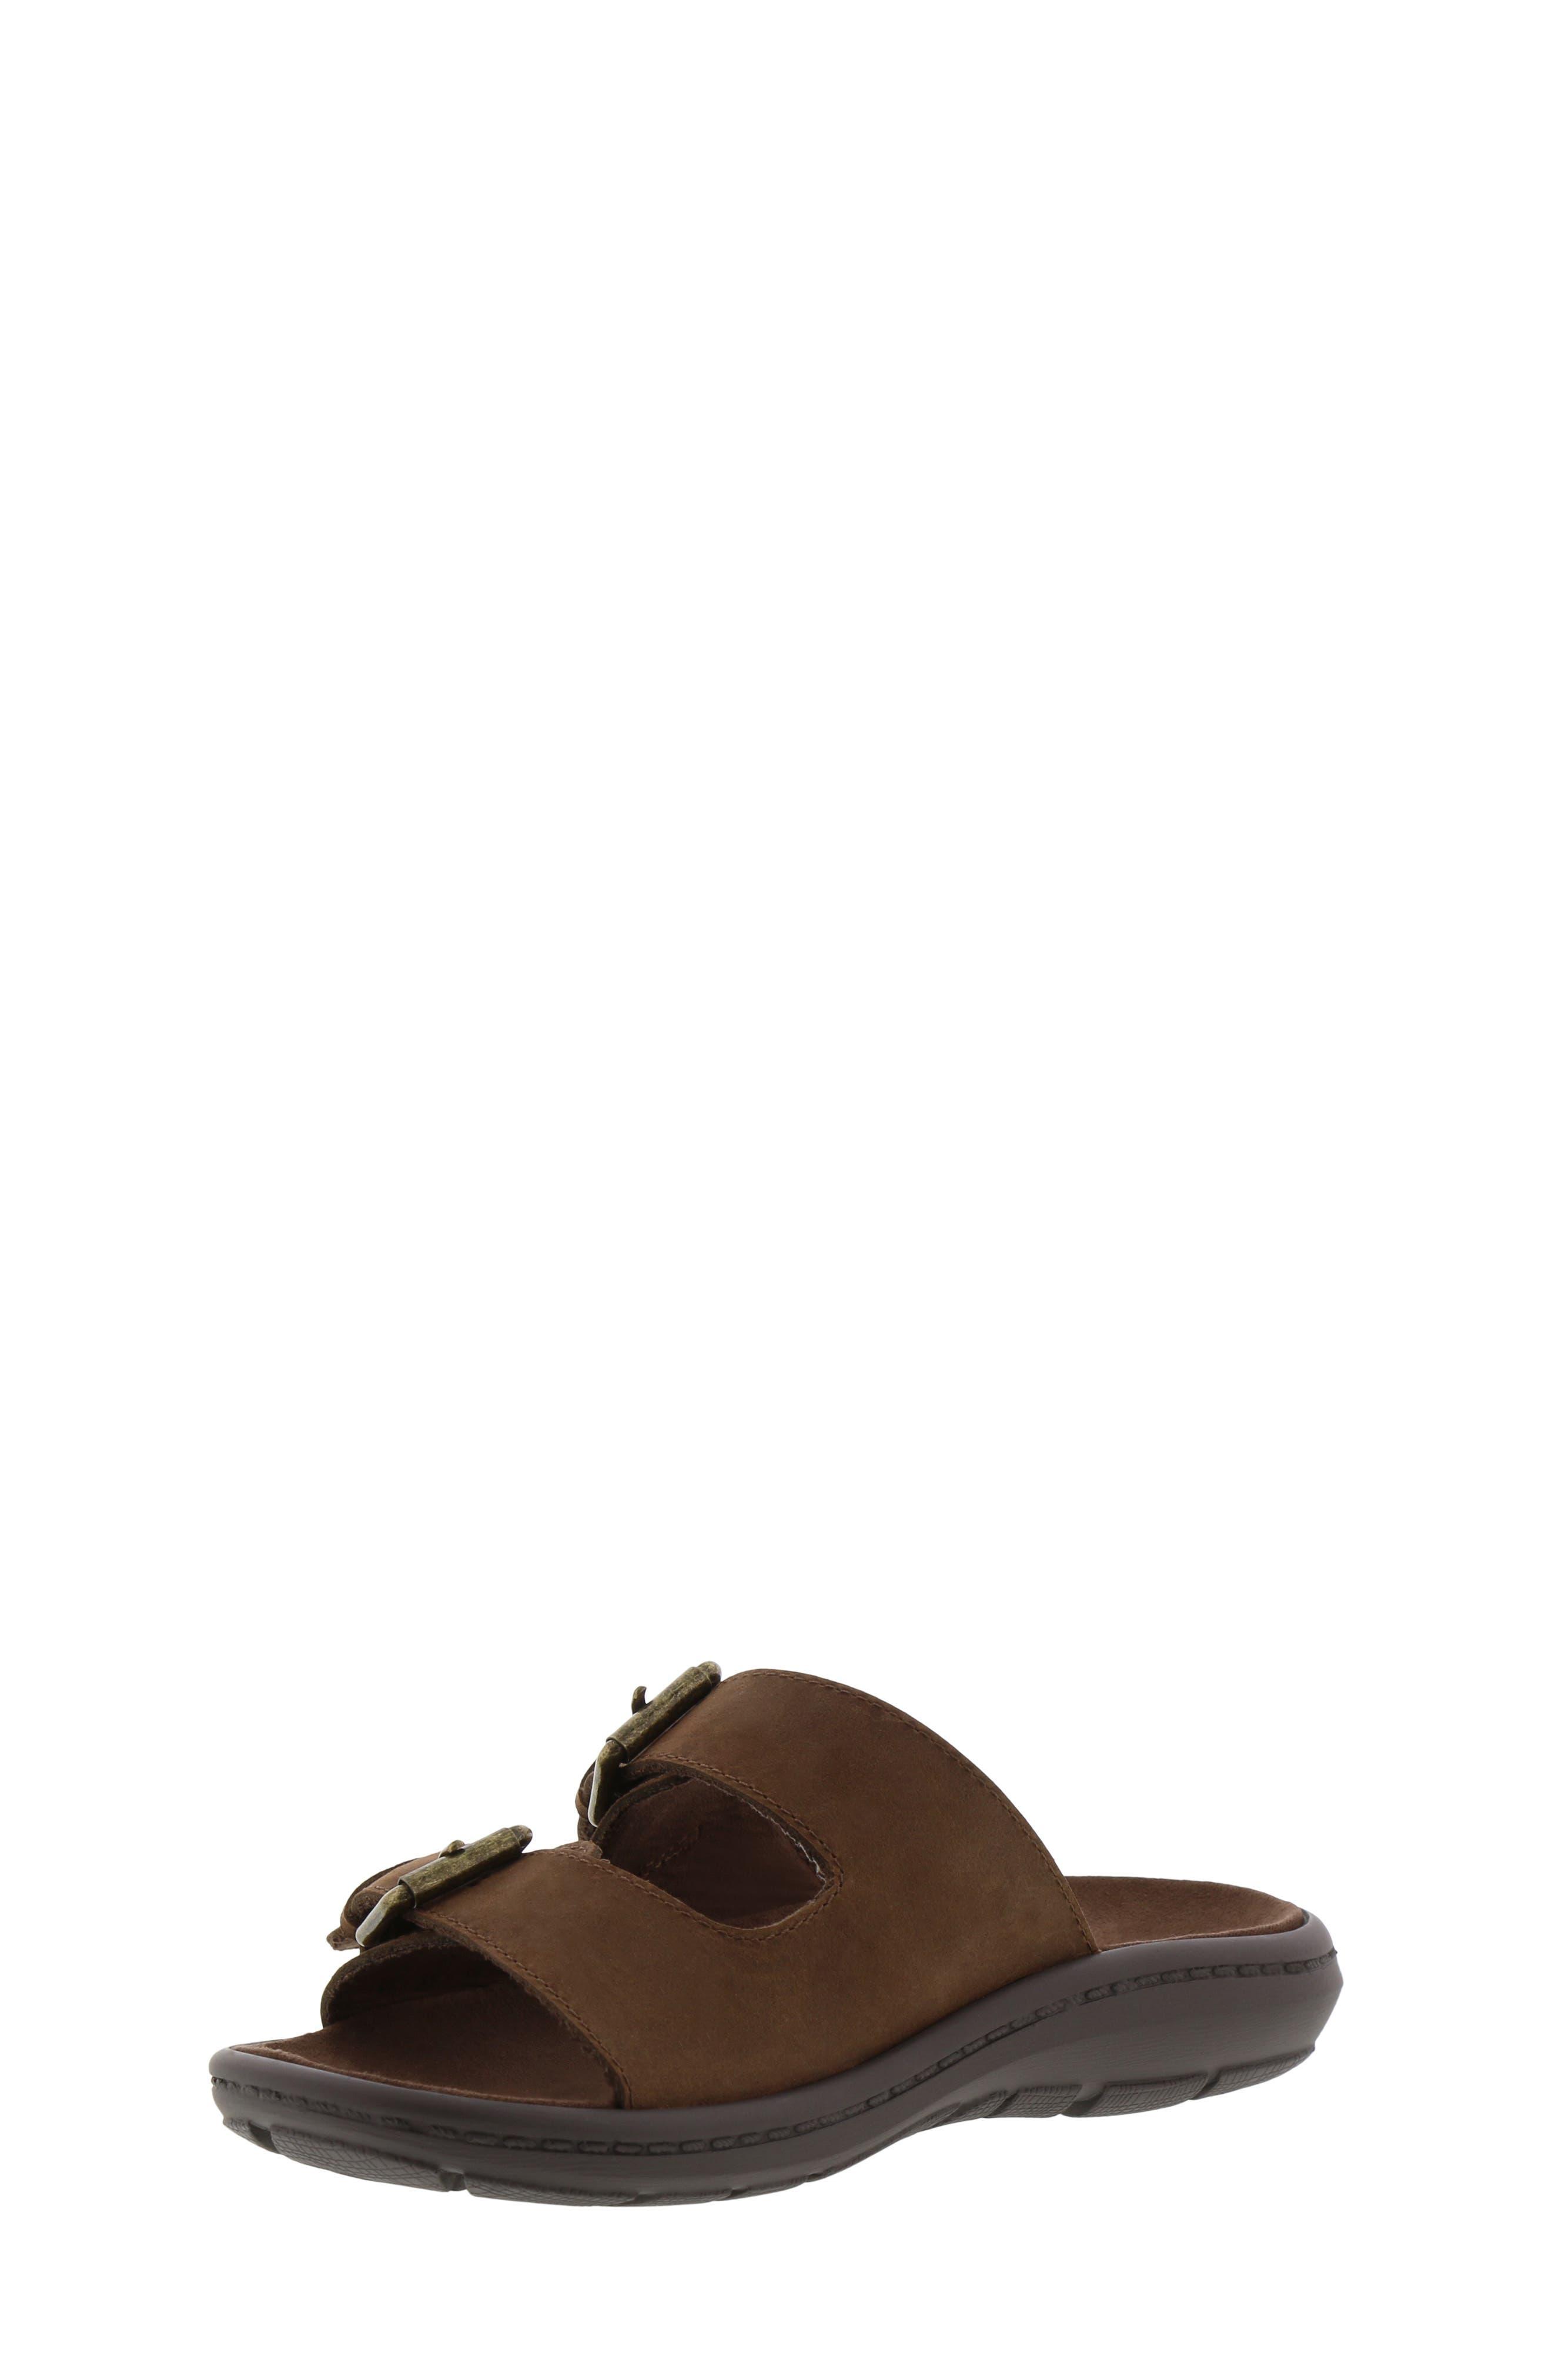 Leaf Leo Slide Sandal,                             Main thumbnail 1, color,                             BROWN